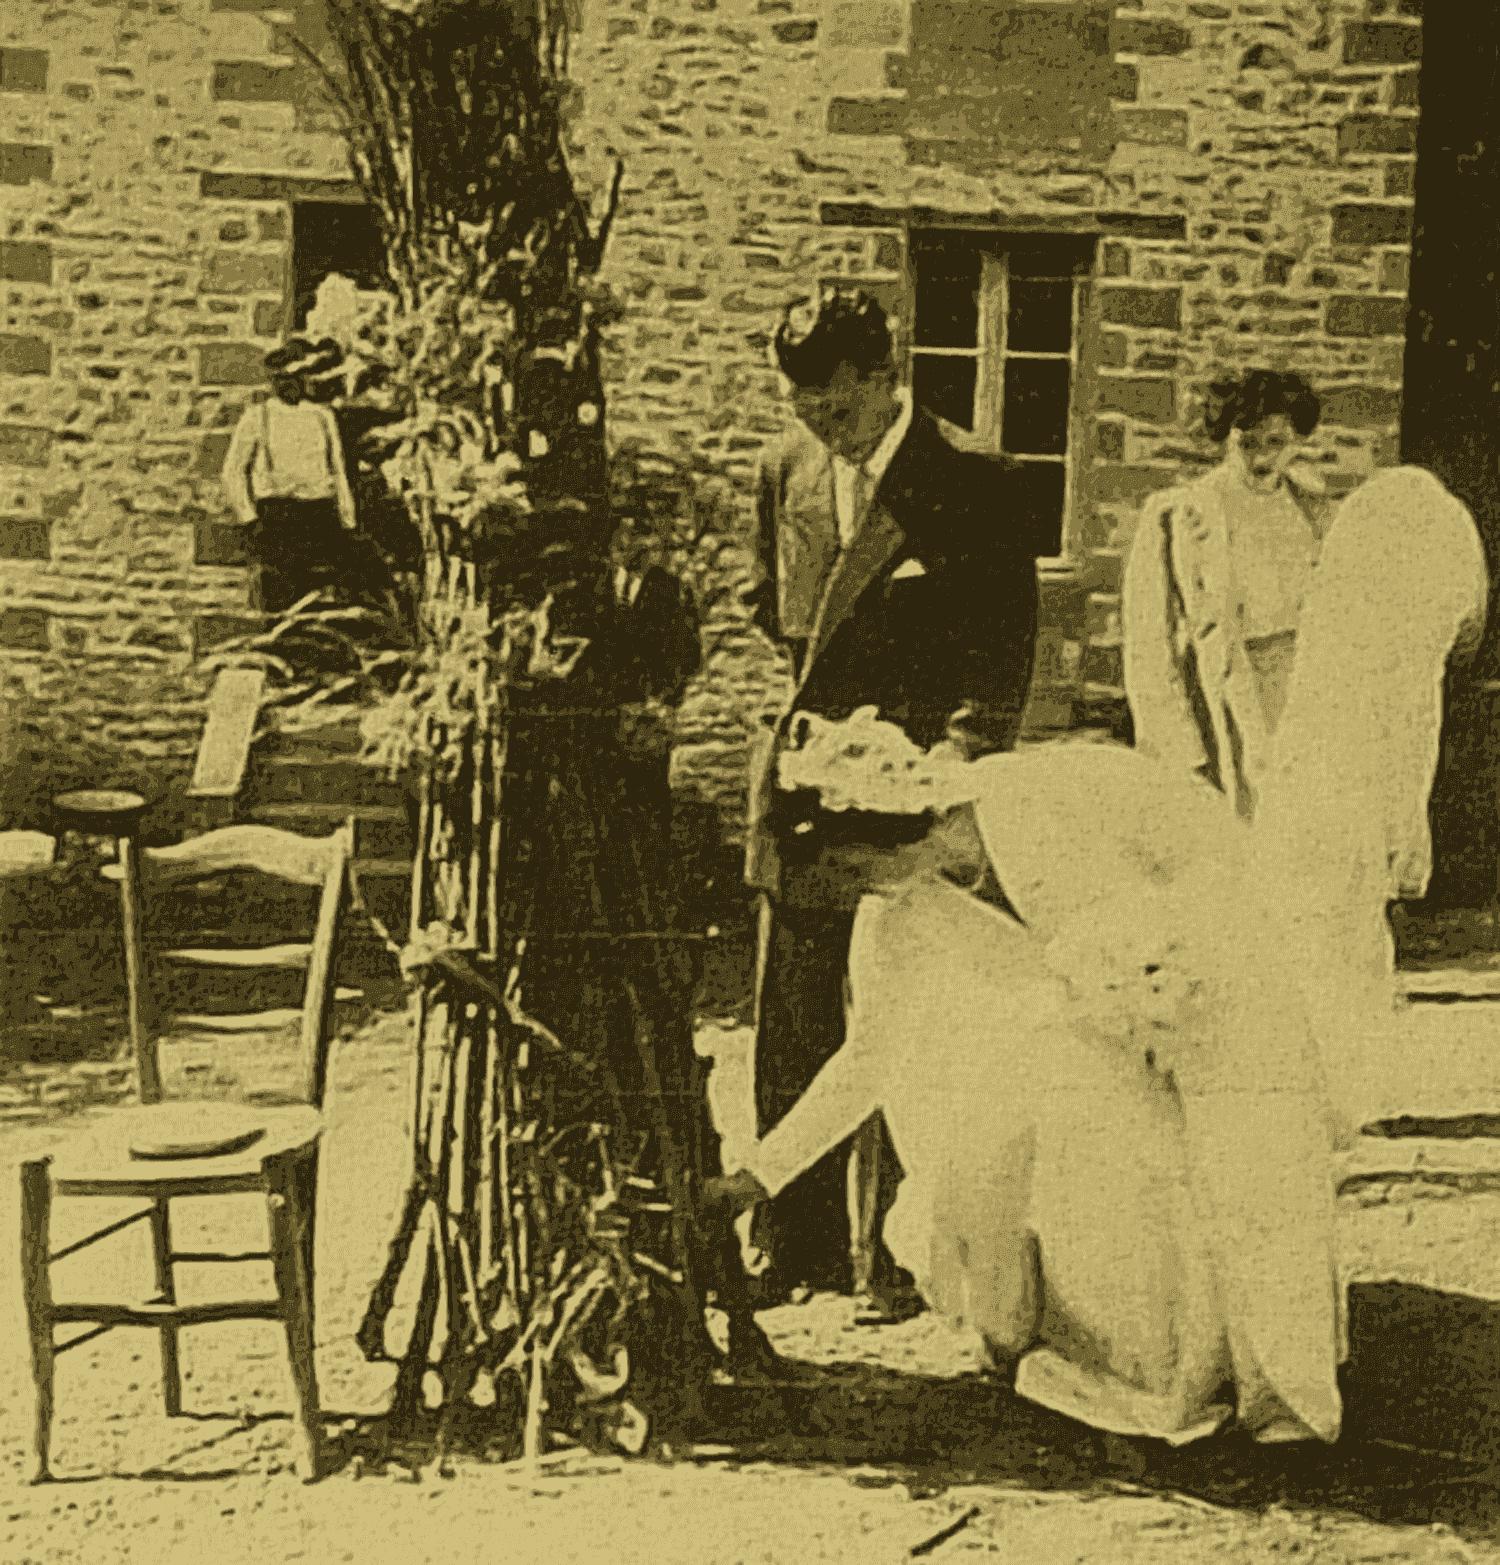 Feu de joie, 1951, au moulin de Saix, commune de Champagné Saint-Hilaire. Mariage de Raymond FAIDEAU et Micheline BRILLANT.